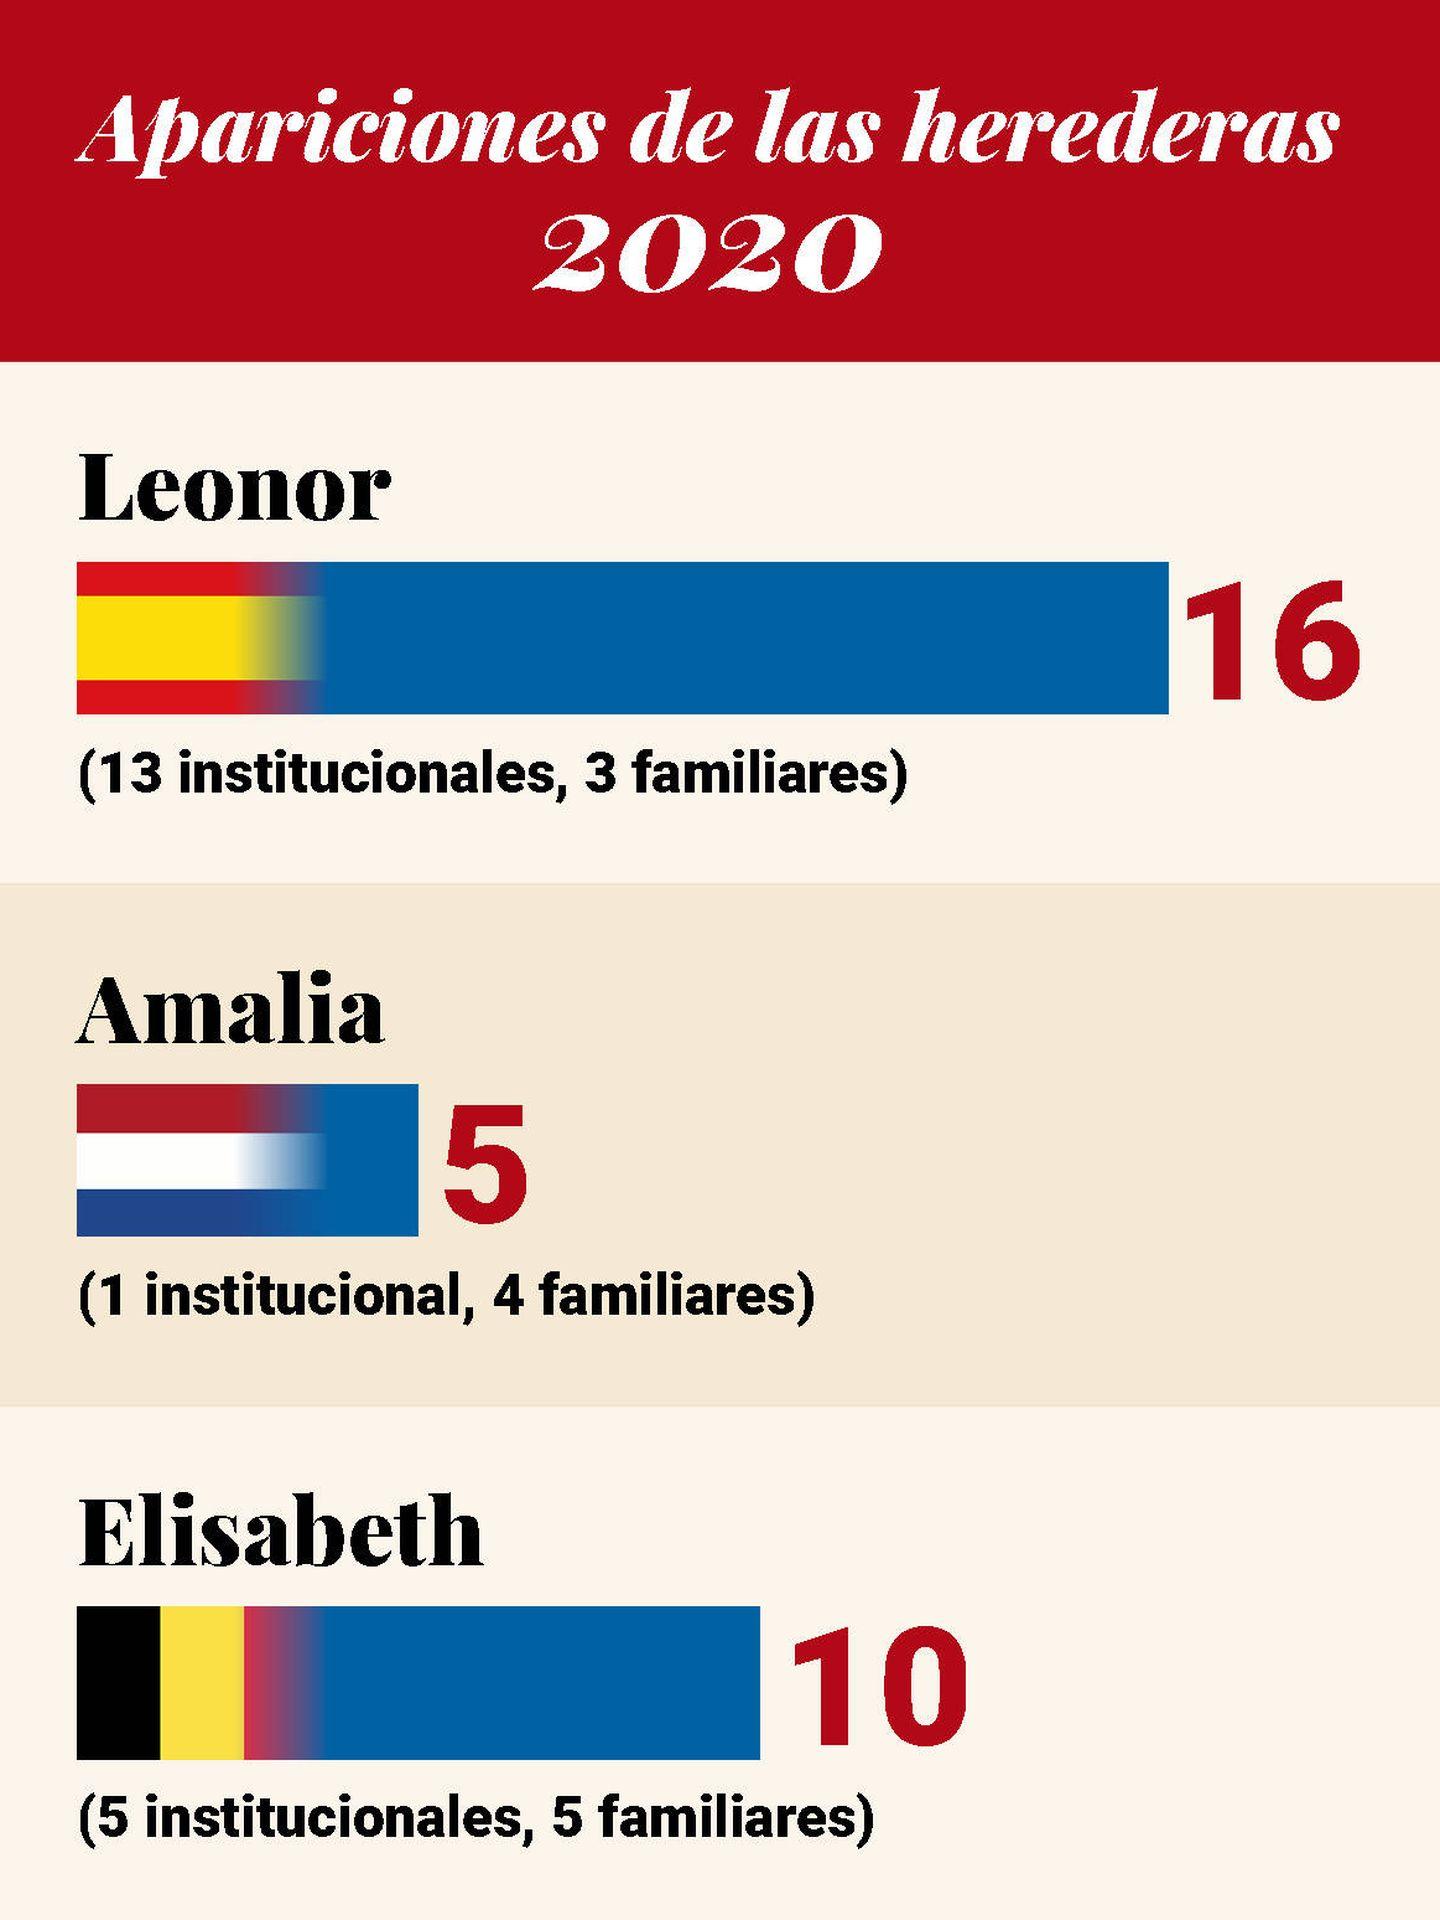 Apariciones de Leonor, Amalia y Elisabeth en 2020. (Vanitatis)